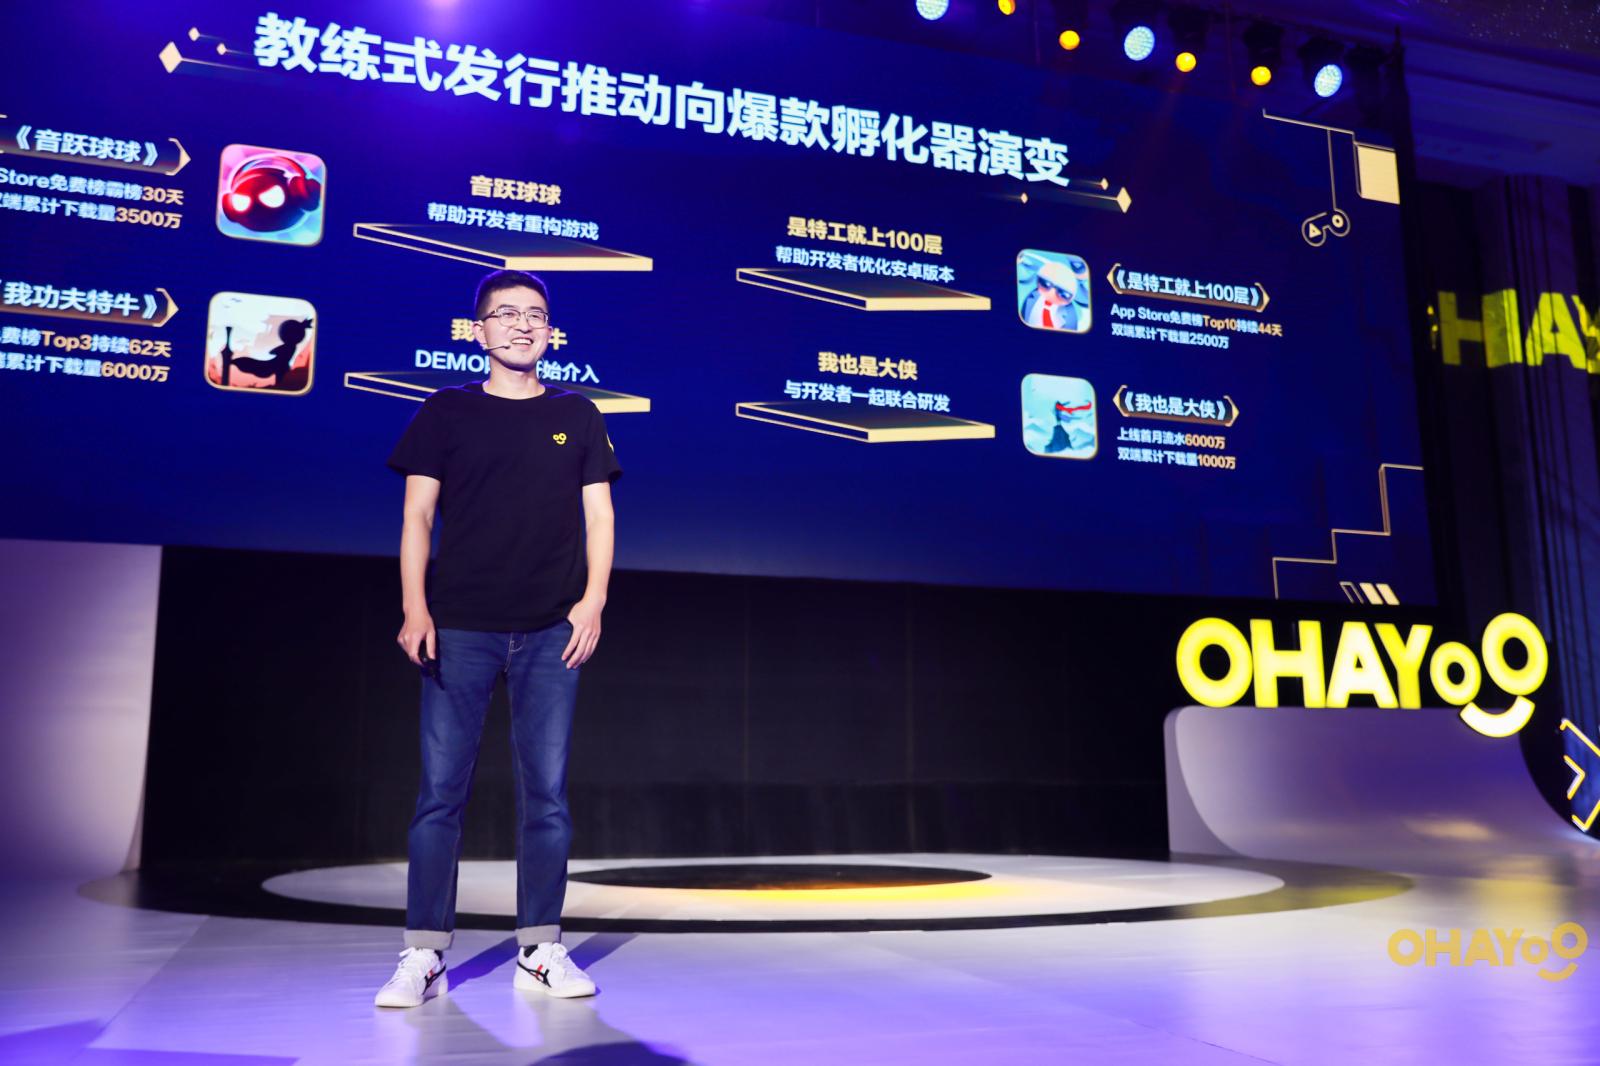 Ohayoo孙丁:从爆款收割机到爆款孵化器